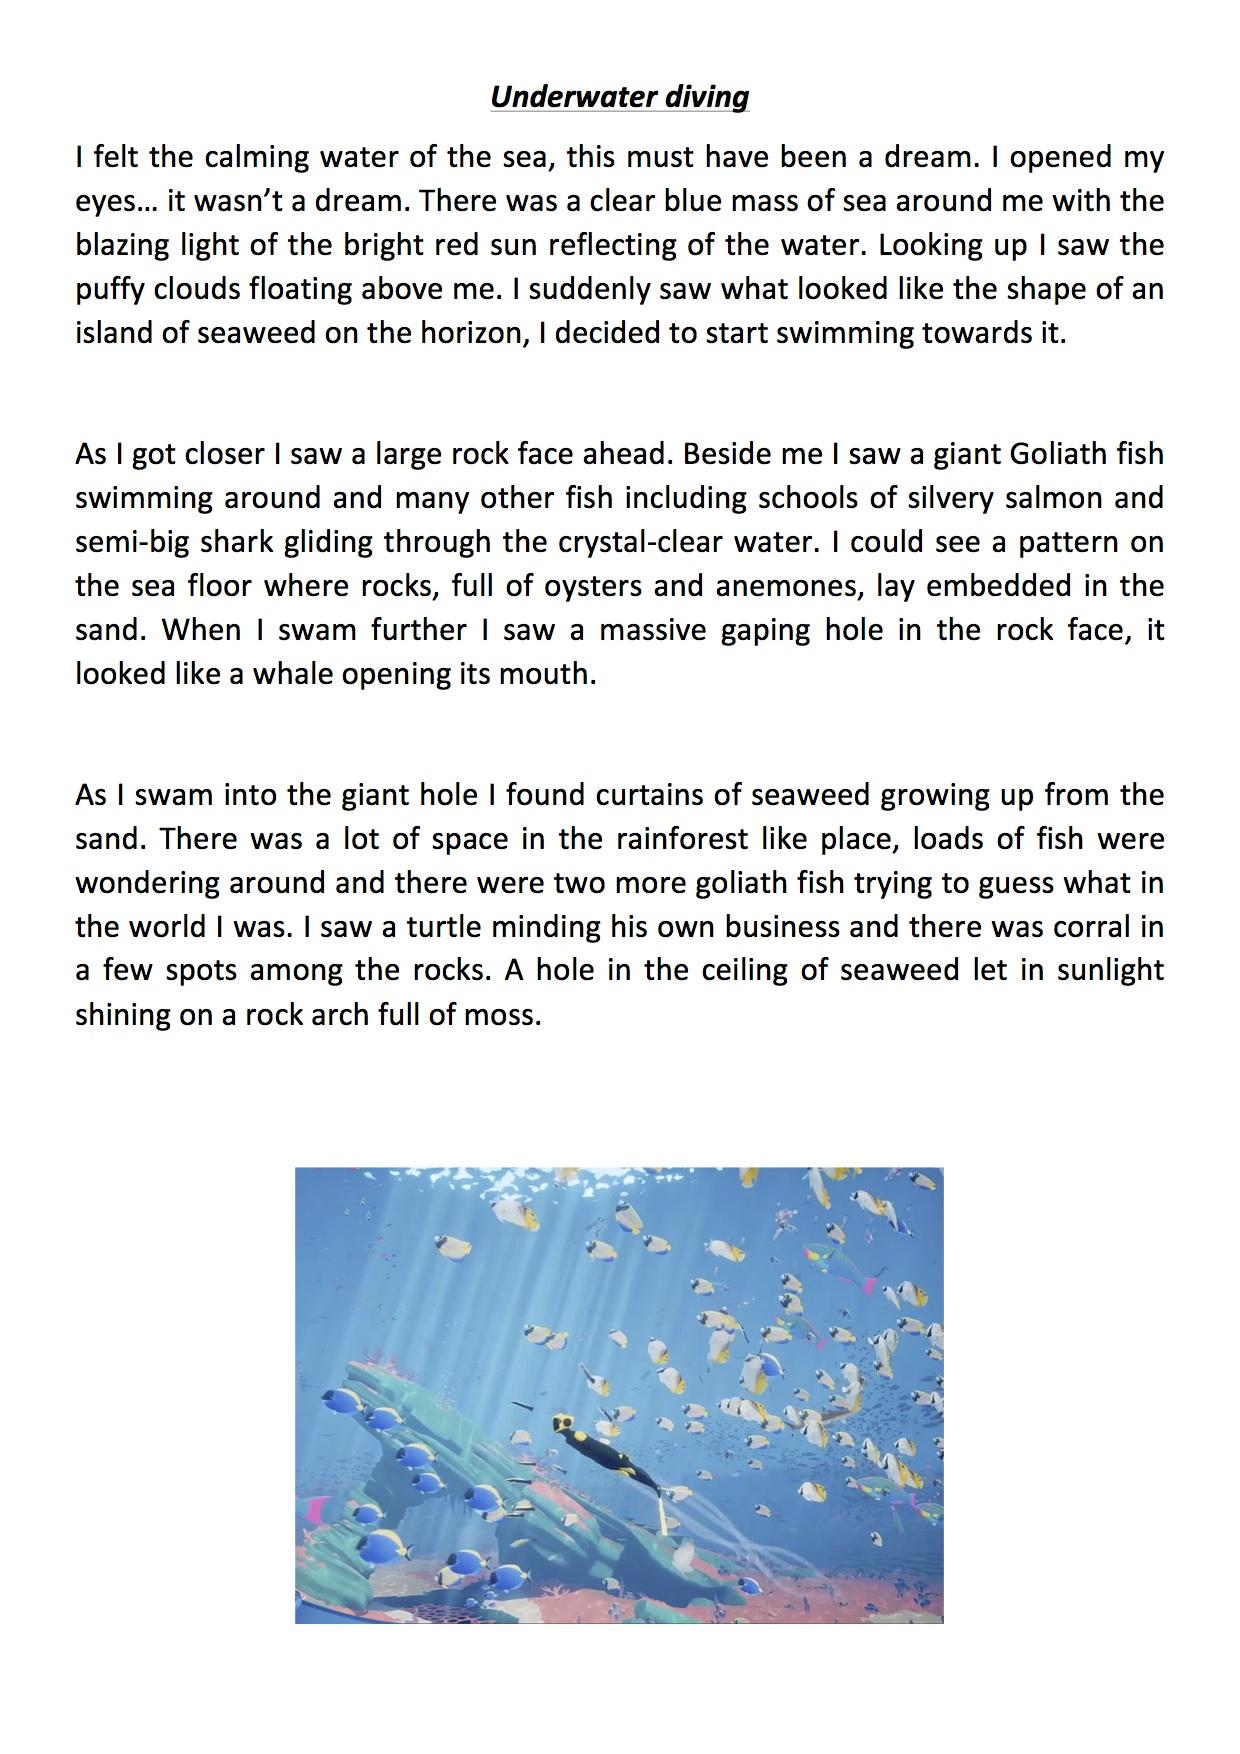 Underwater diver FINAL.jpg